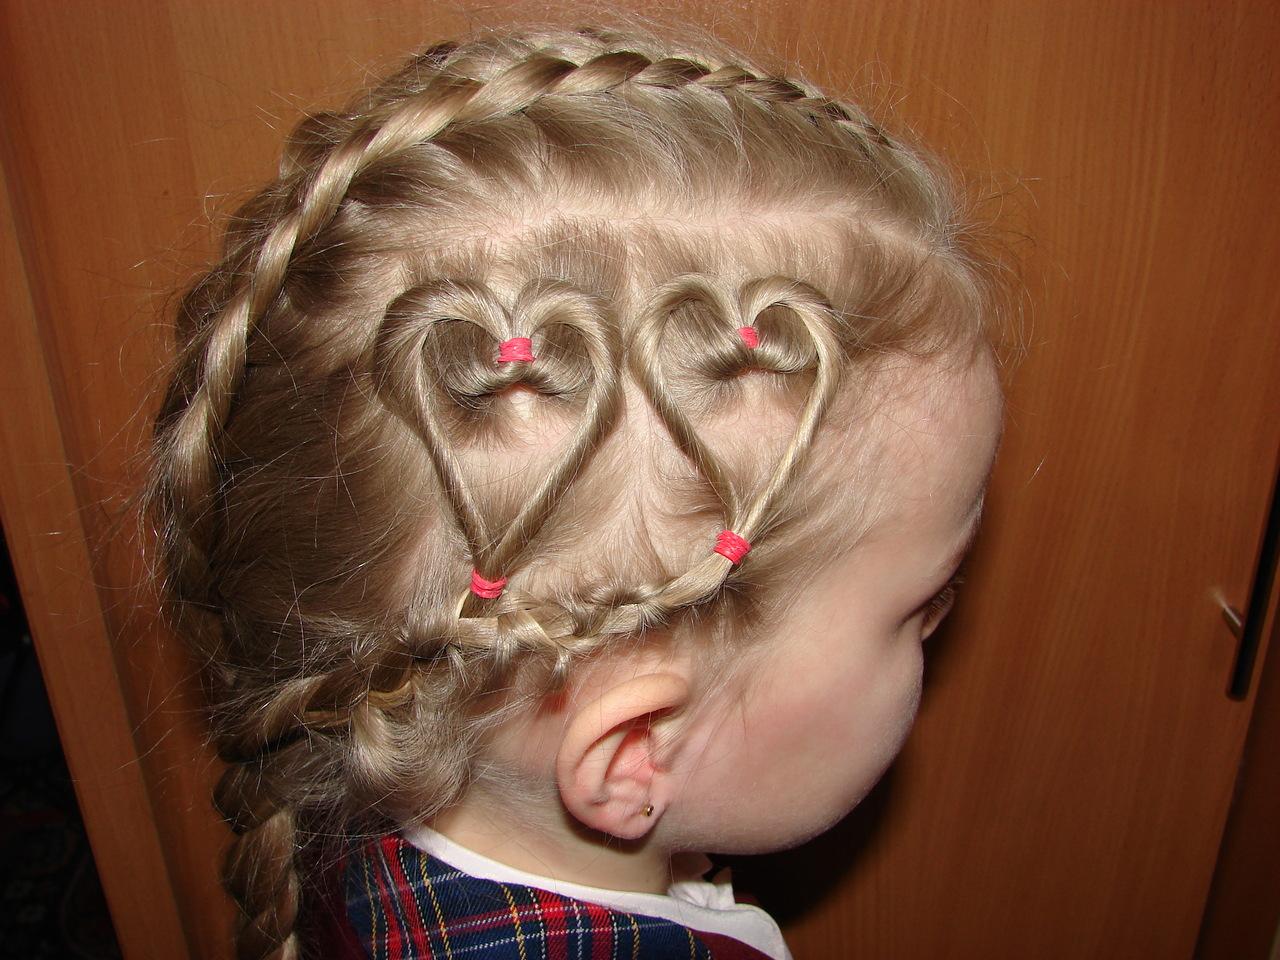 Прически на короткие волосы детям с одной резинкой